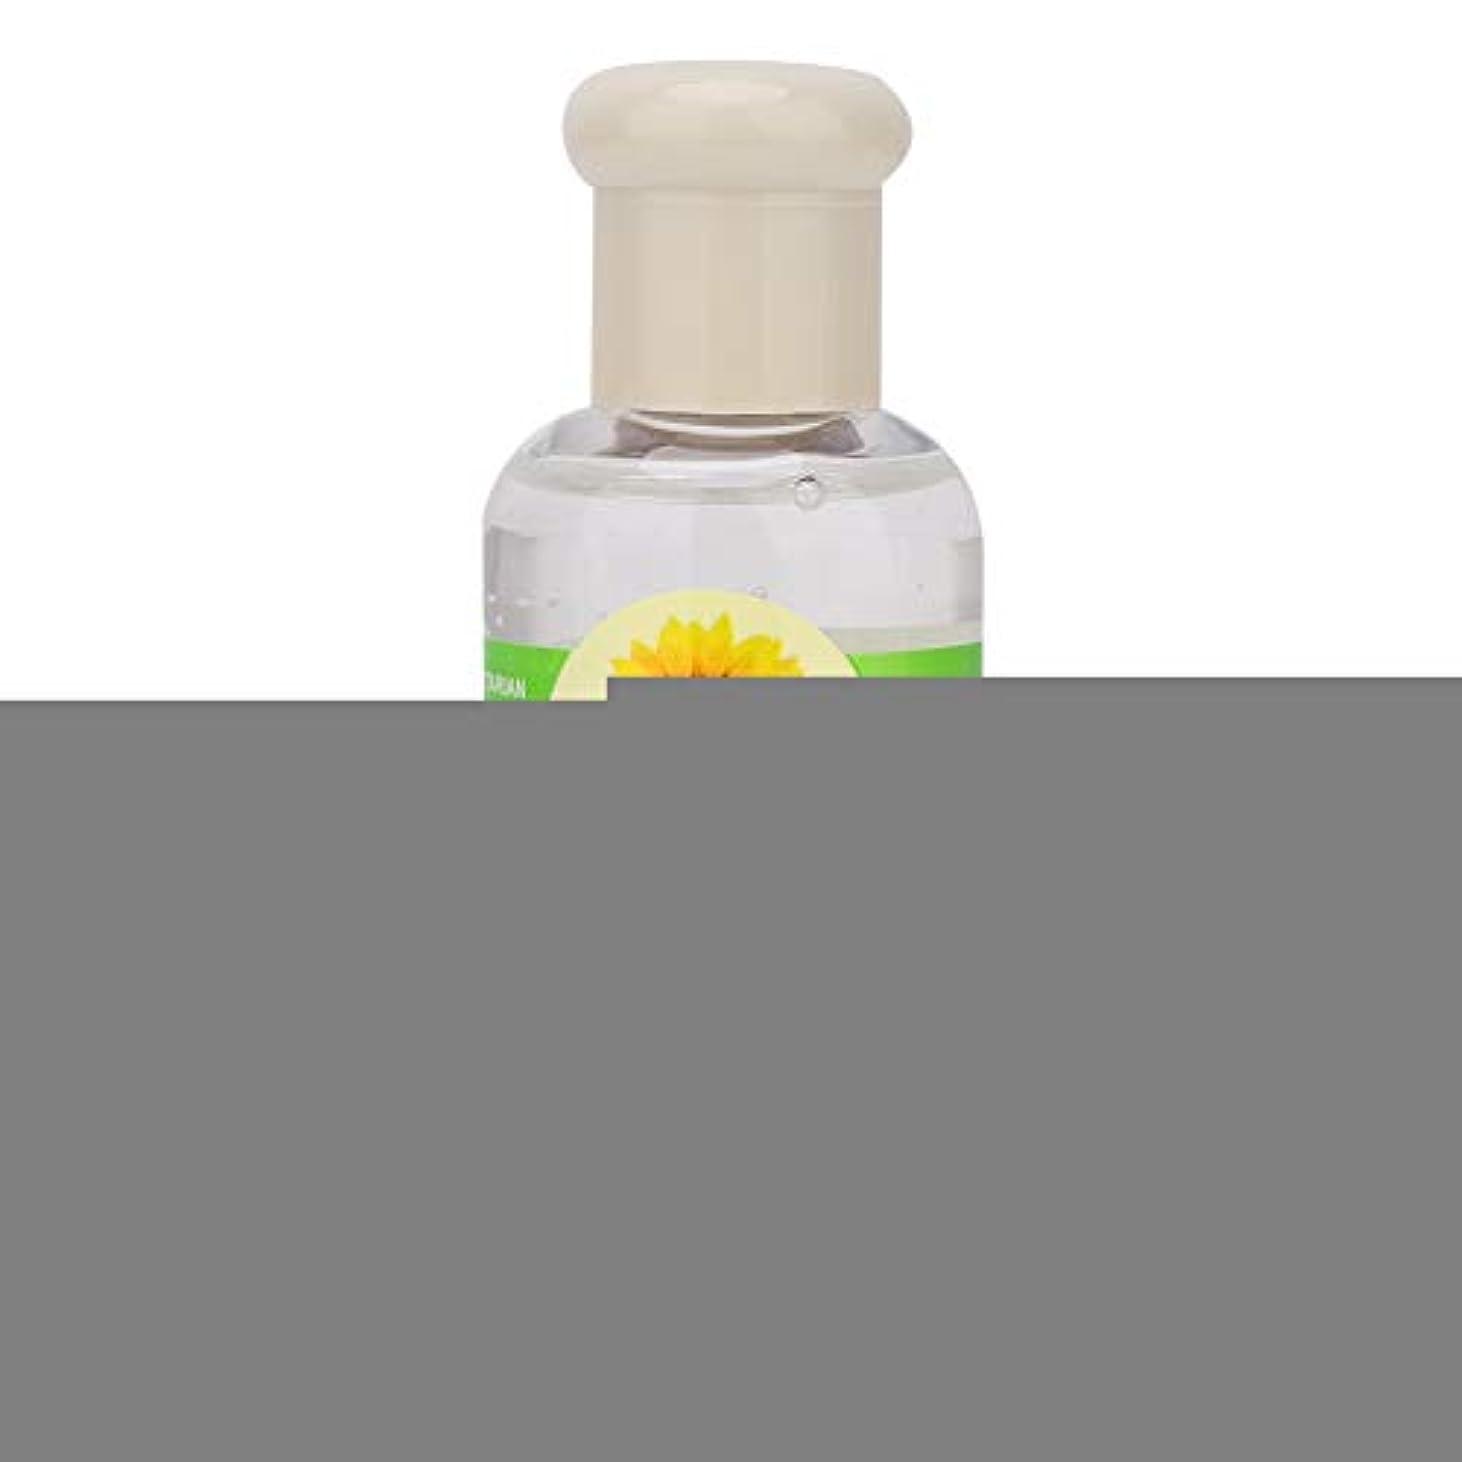 妥協過去気まぐれなフェイスオイル、保湿オイルを白くするビタミンE